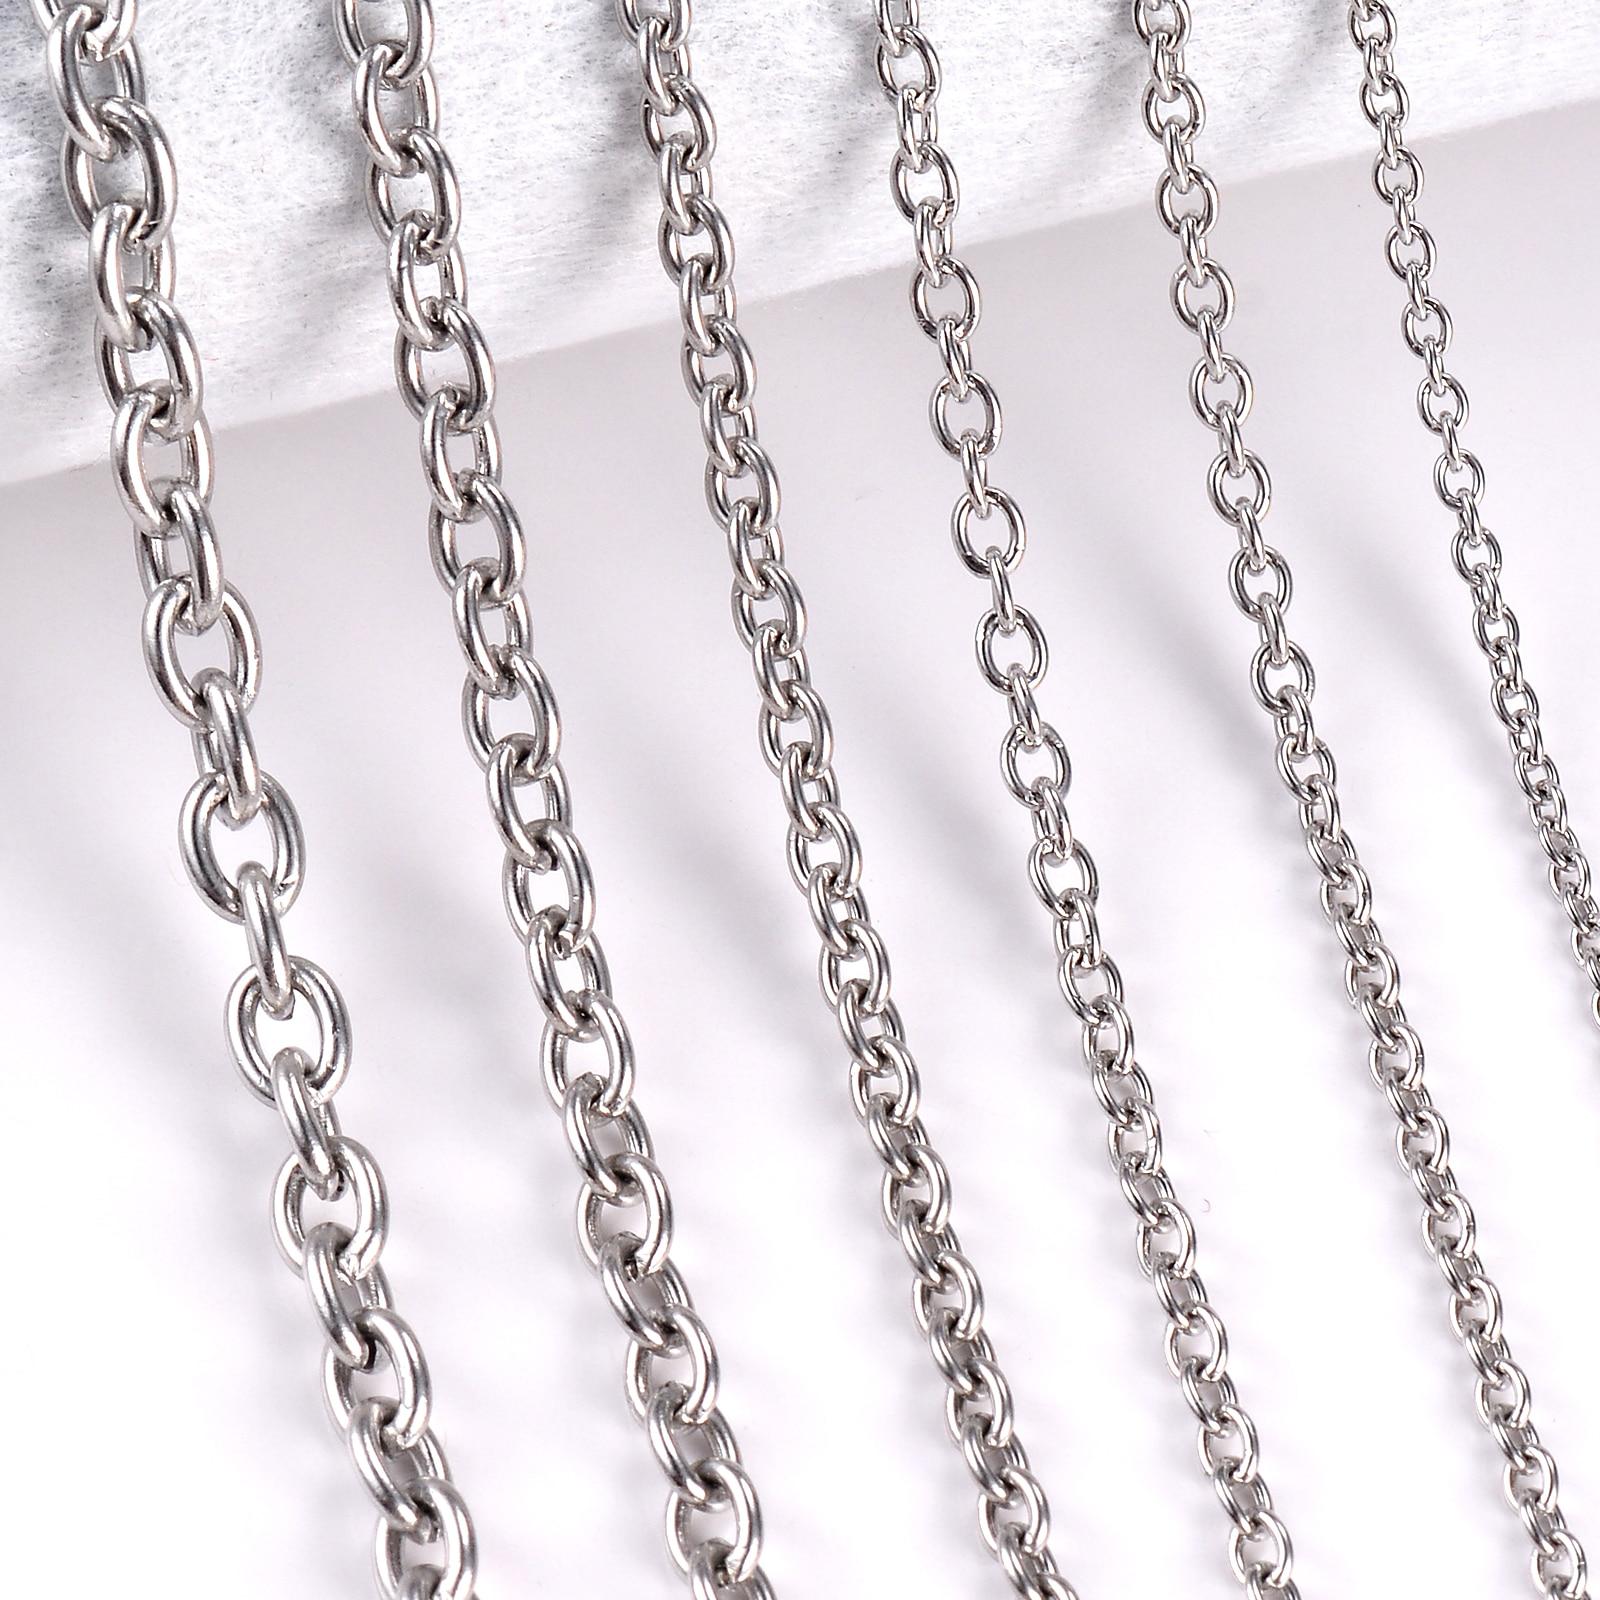 1Pc ze stali nierdzewnej stal krzyżyk O łańcuch naszyjnik dla kobiet mężczyzn DIY biżuteria cienka bransoletka naszyjnik